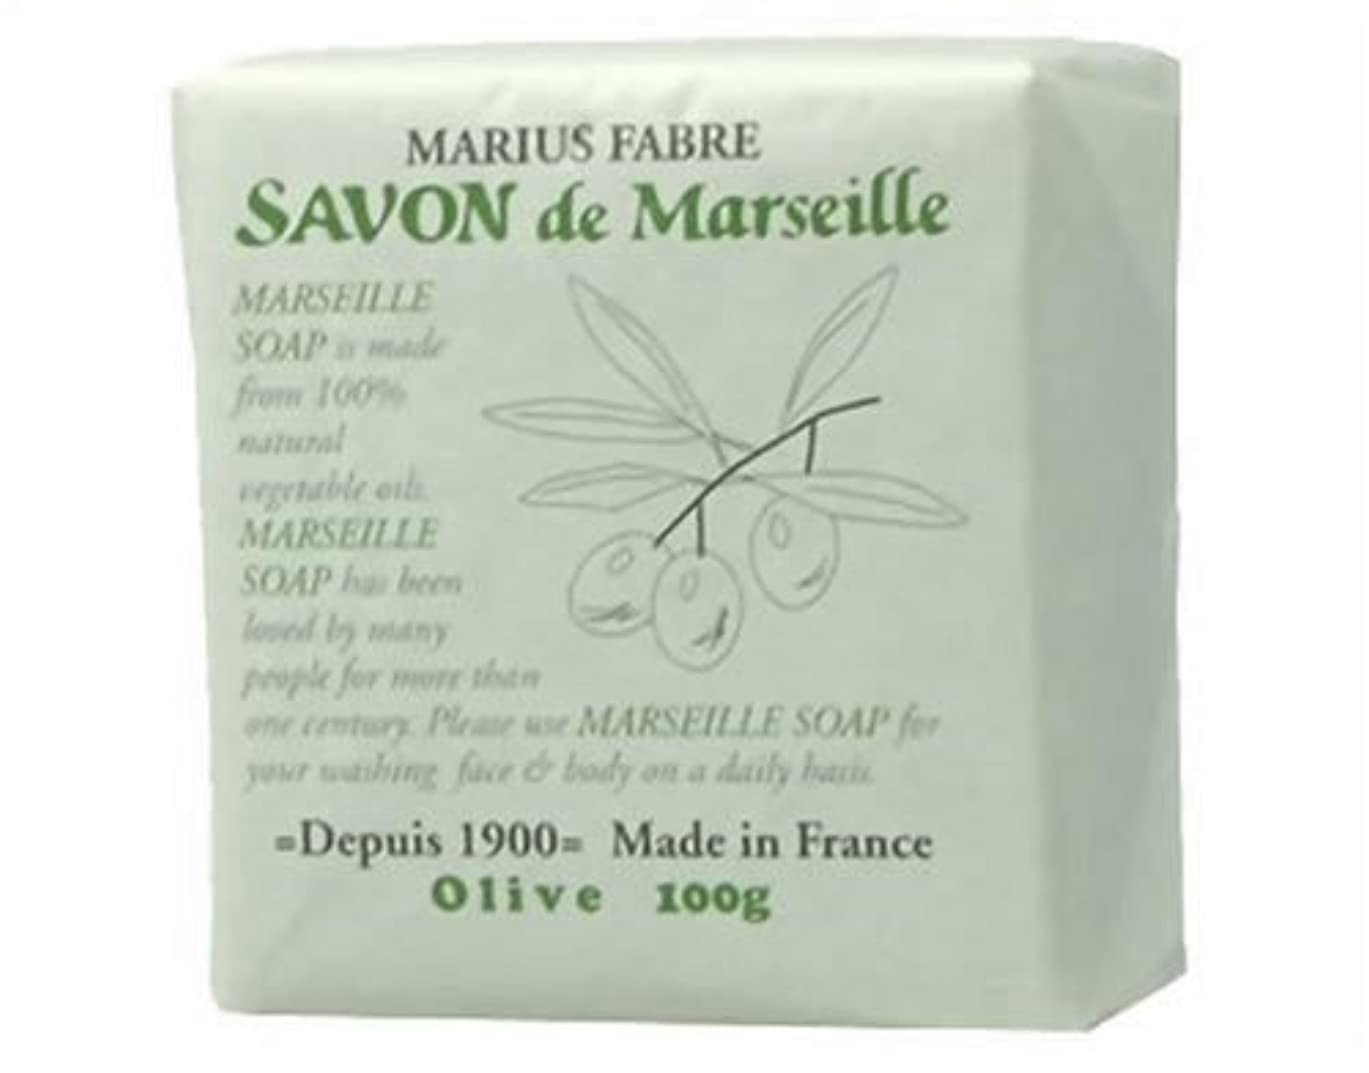 挑む合体降臨サボン ド マルセイユ オリーブ 100g